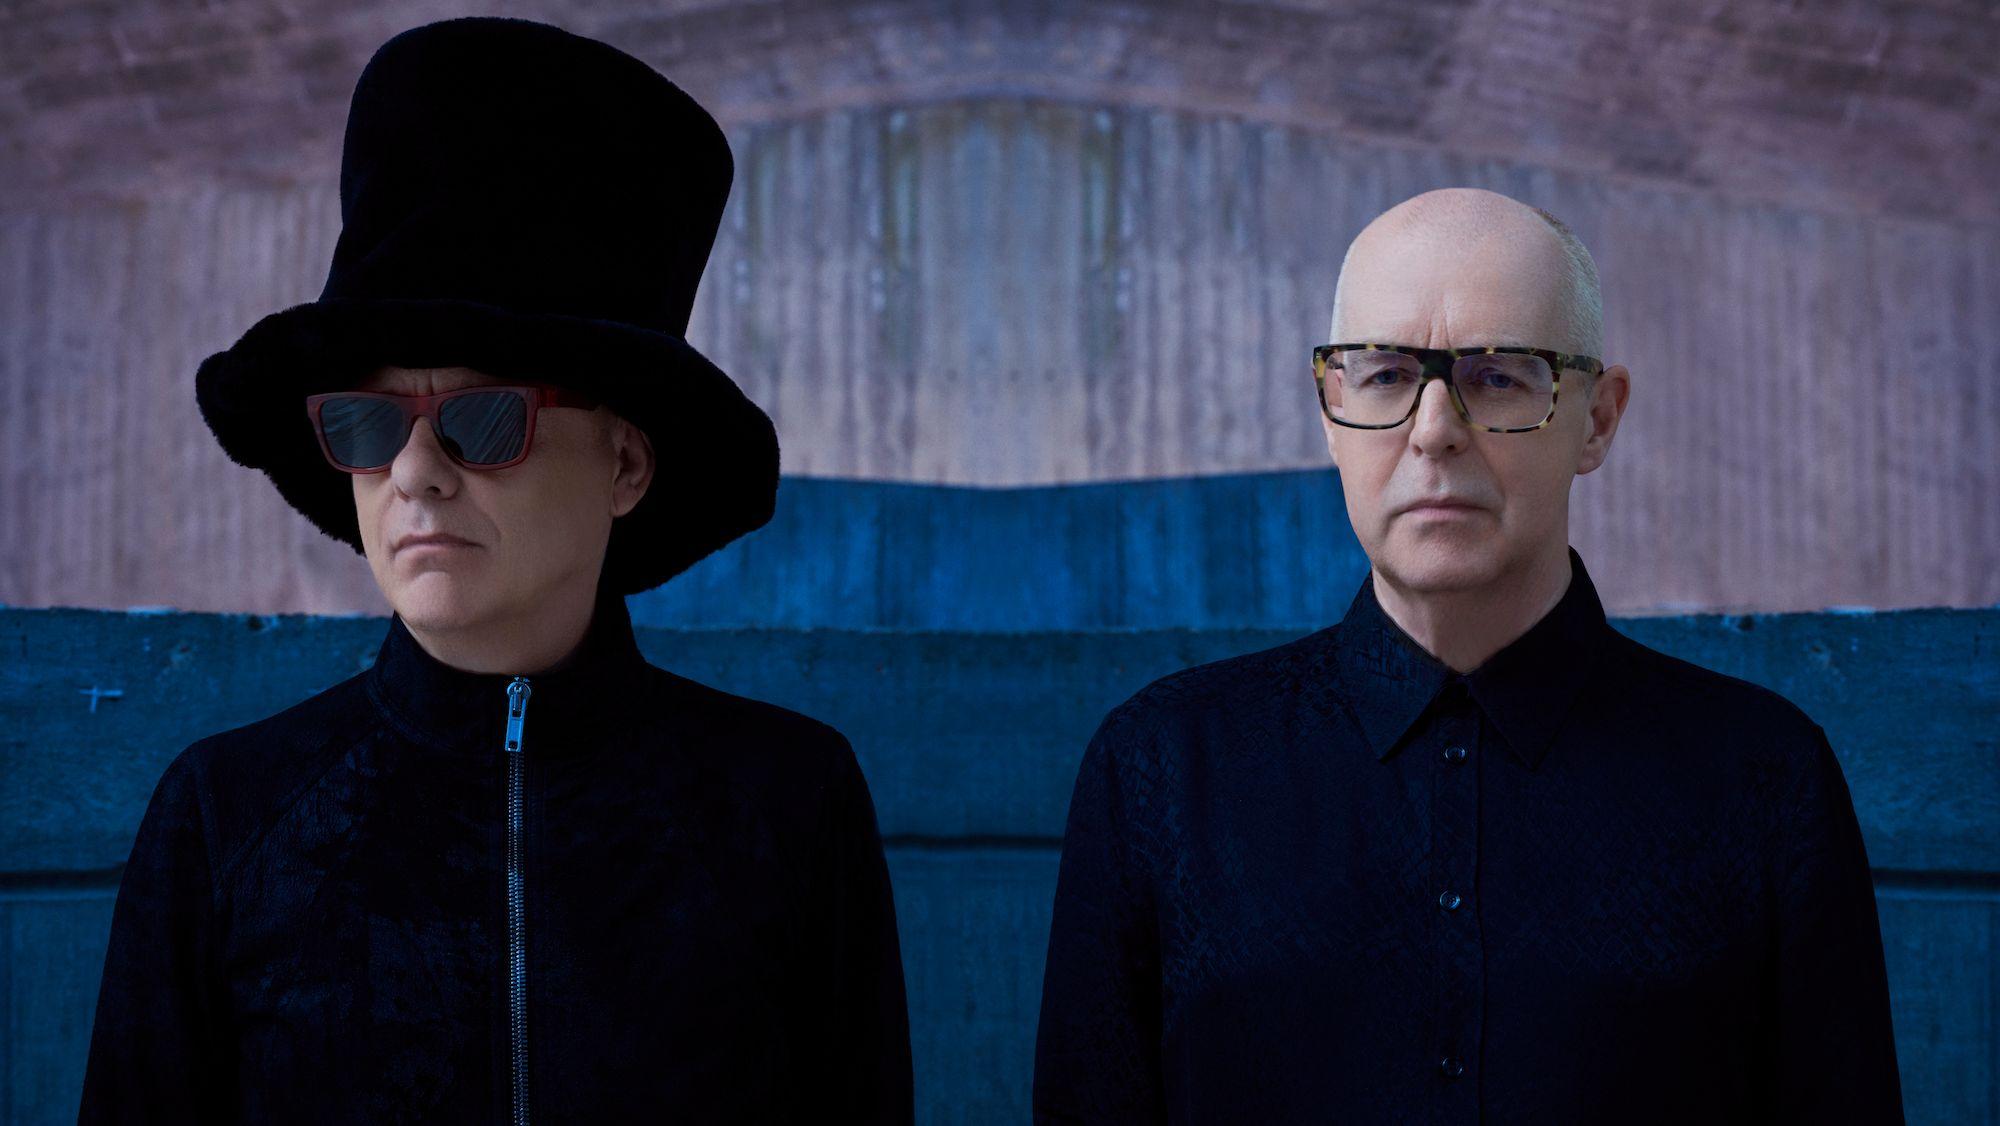 Die Pet Shop Boys aka Neil Tennant und Chris Lowe posieren vor einer Betonwand